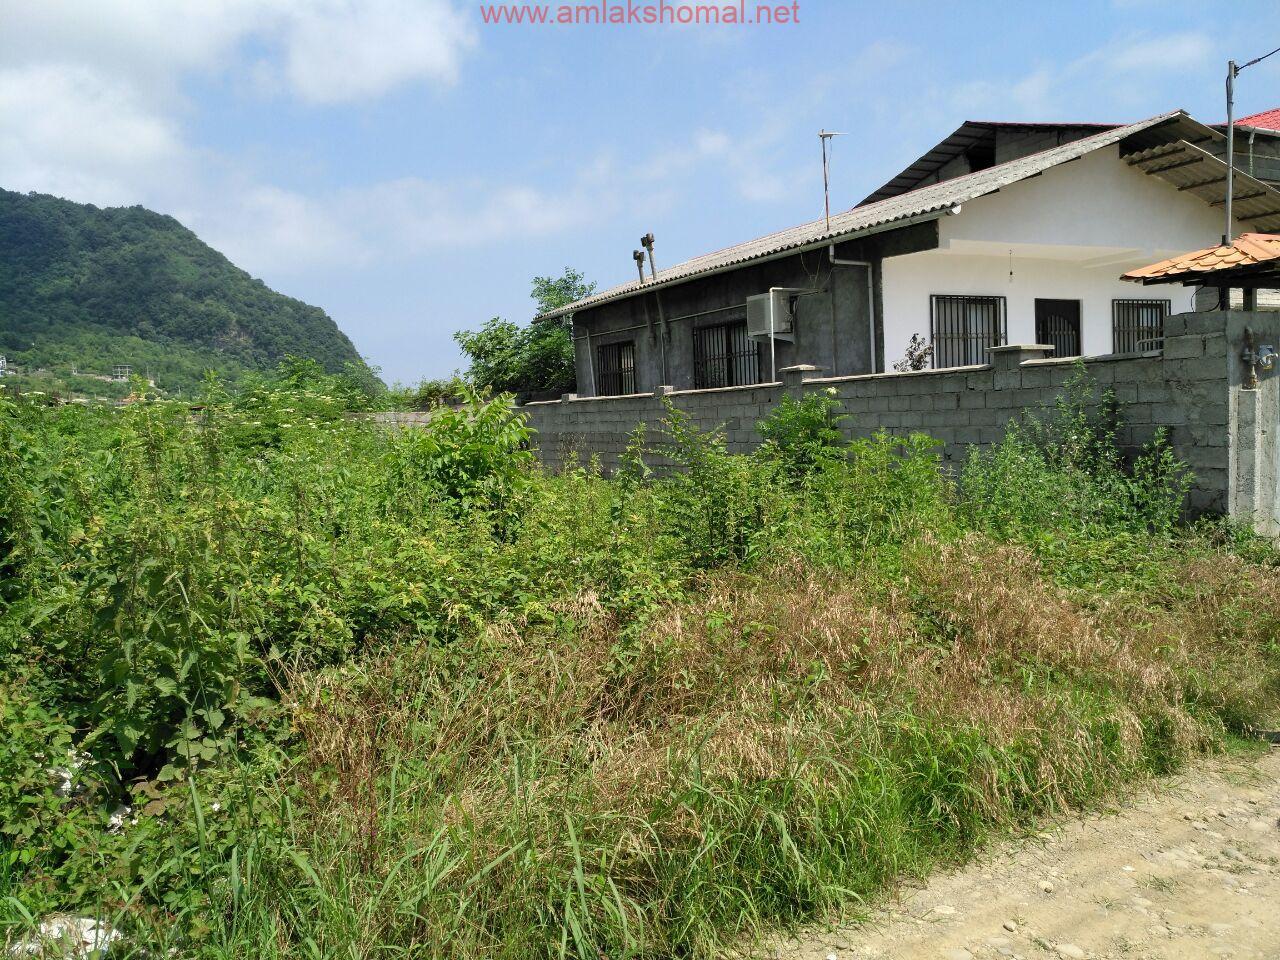 قیمت زمین مسکونی در رامسر